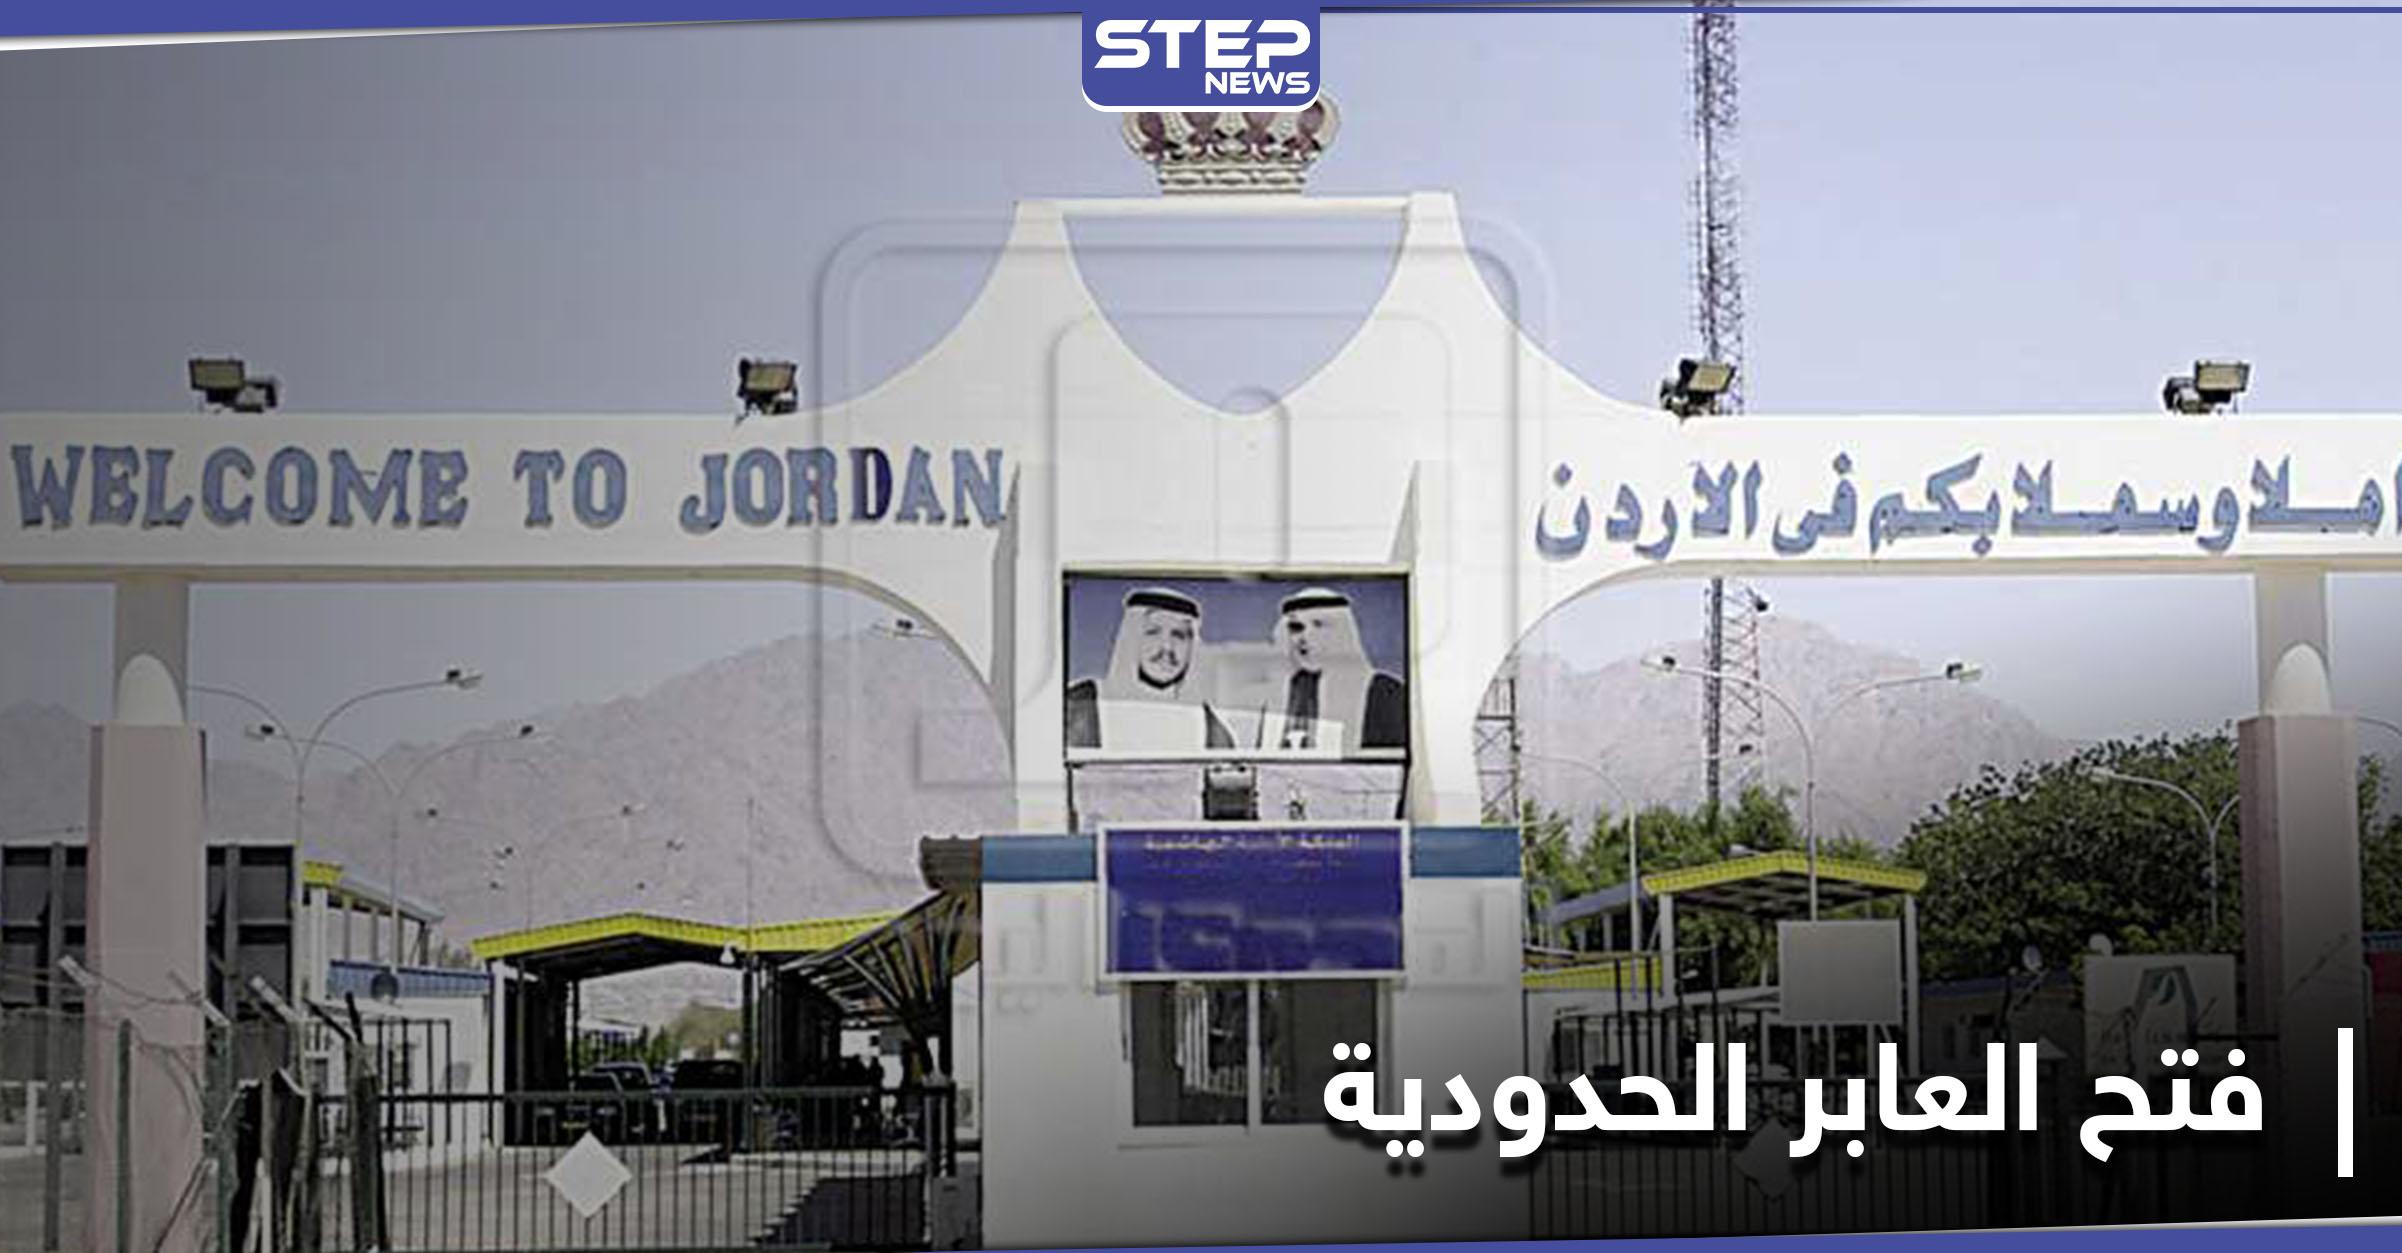 الأردن تضع شرطاً واحداً أمام النظام السوري لإعادة فتح المعابر الحدودية معه